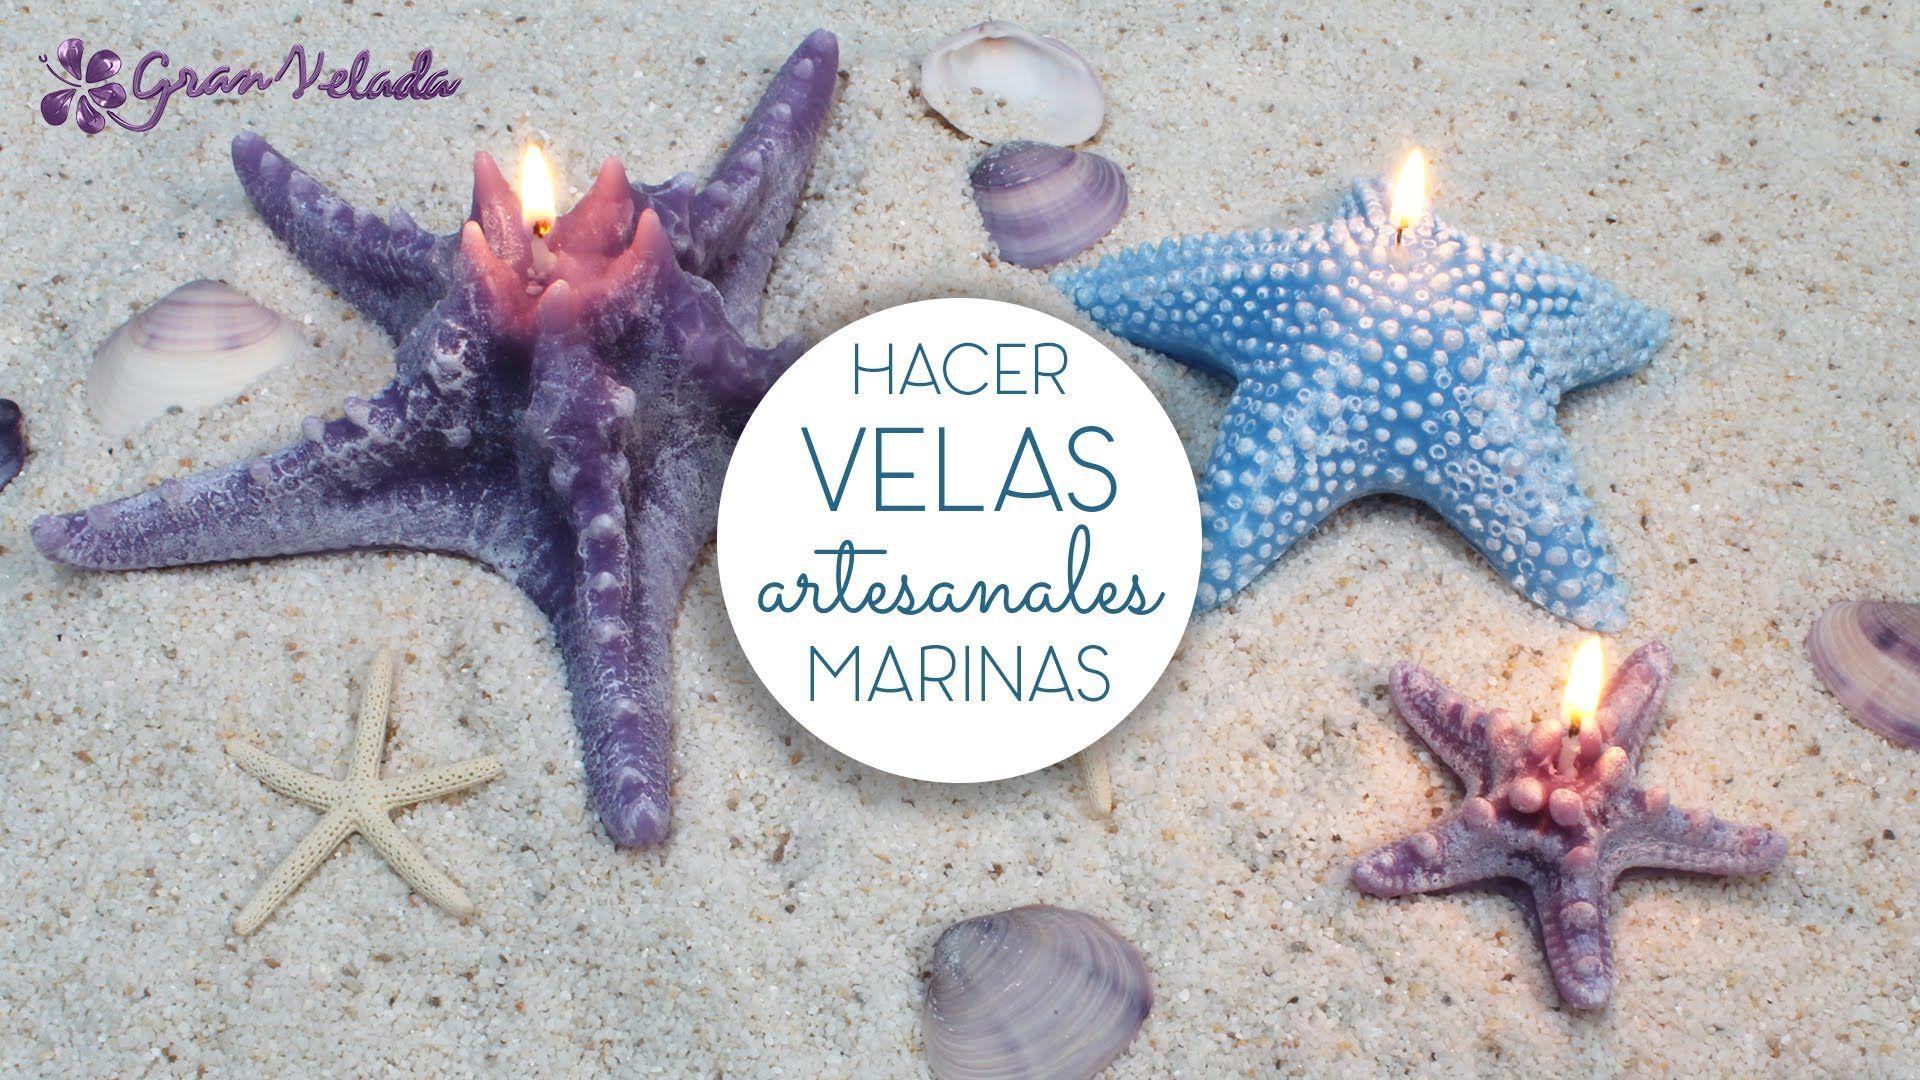 Hacer velas artesanales Marinas